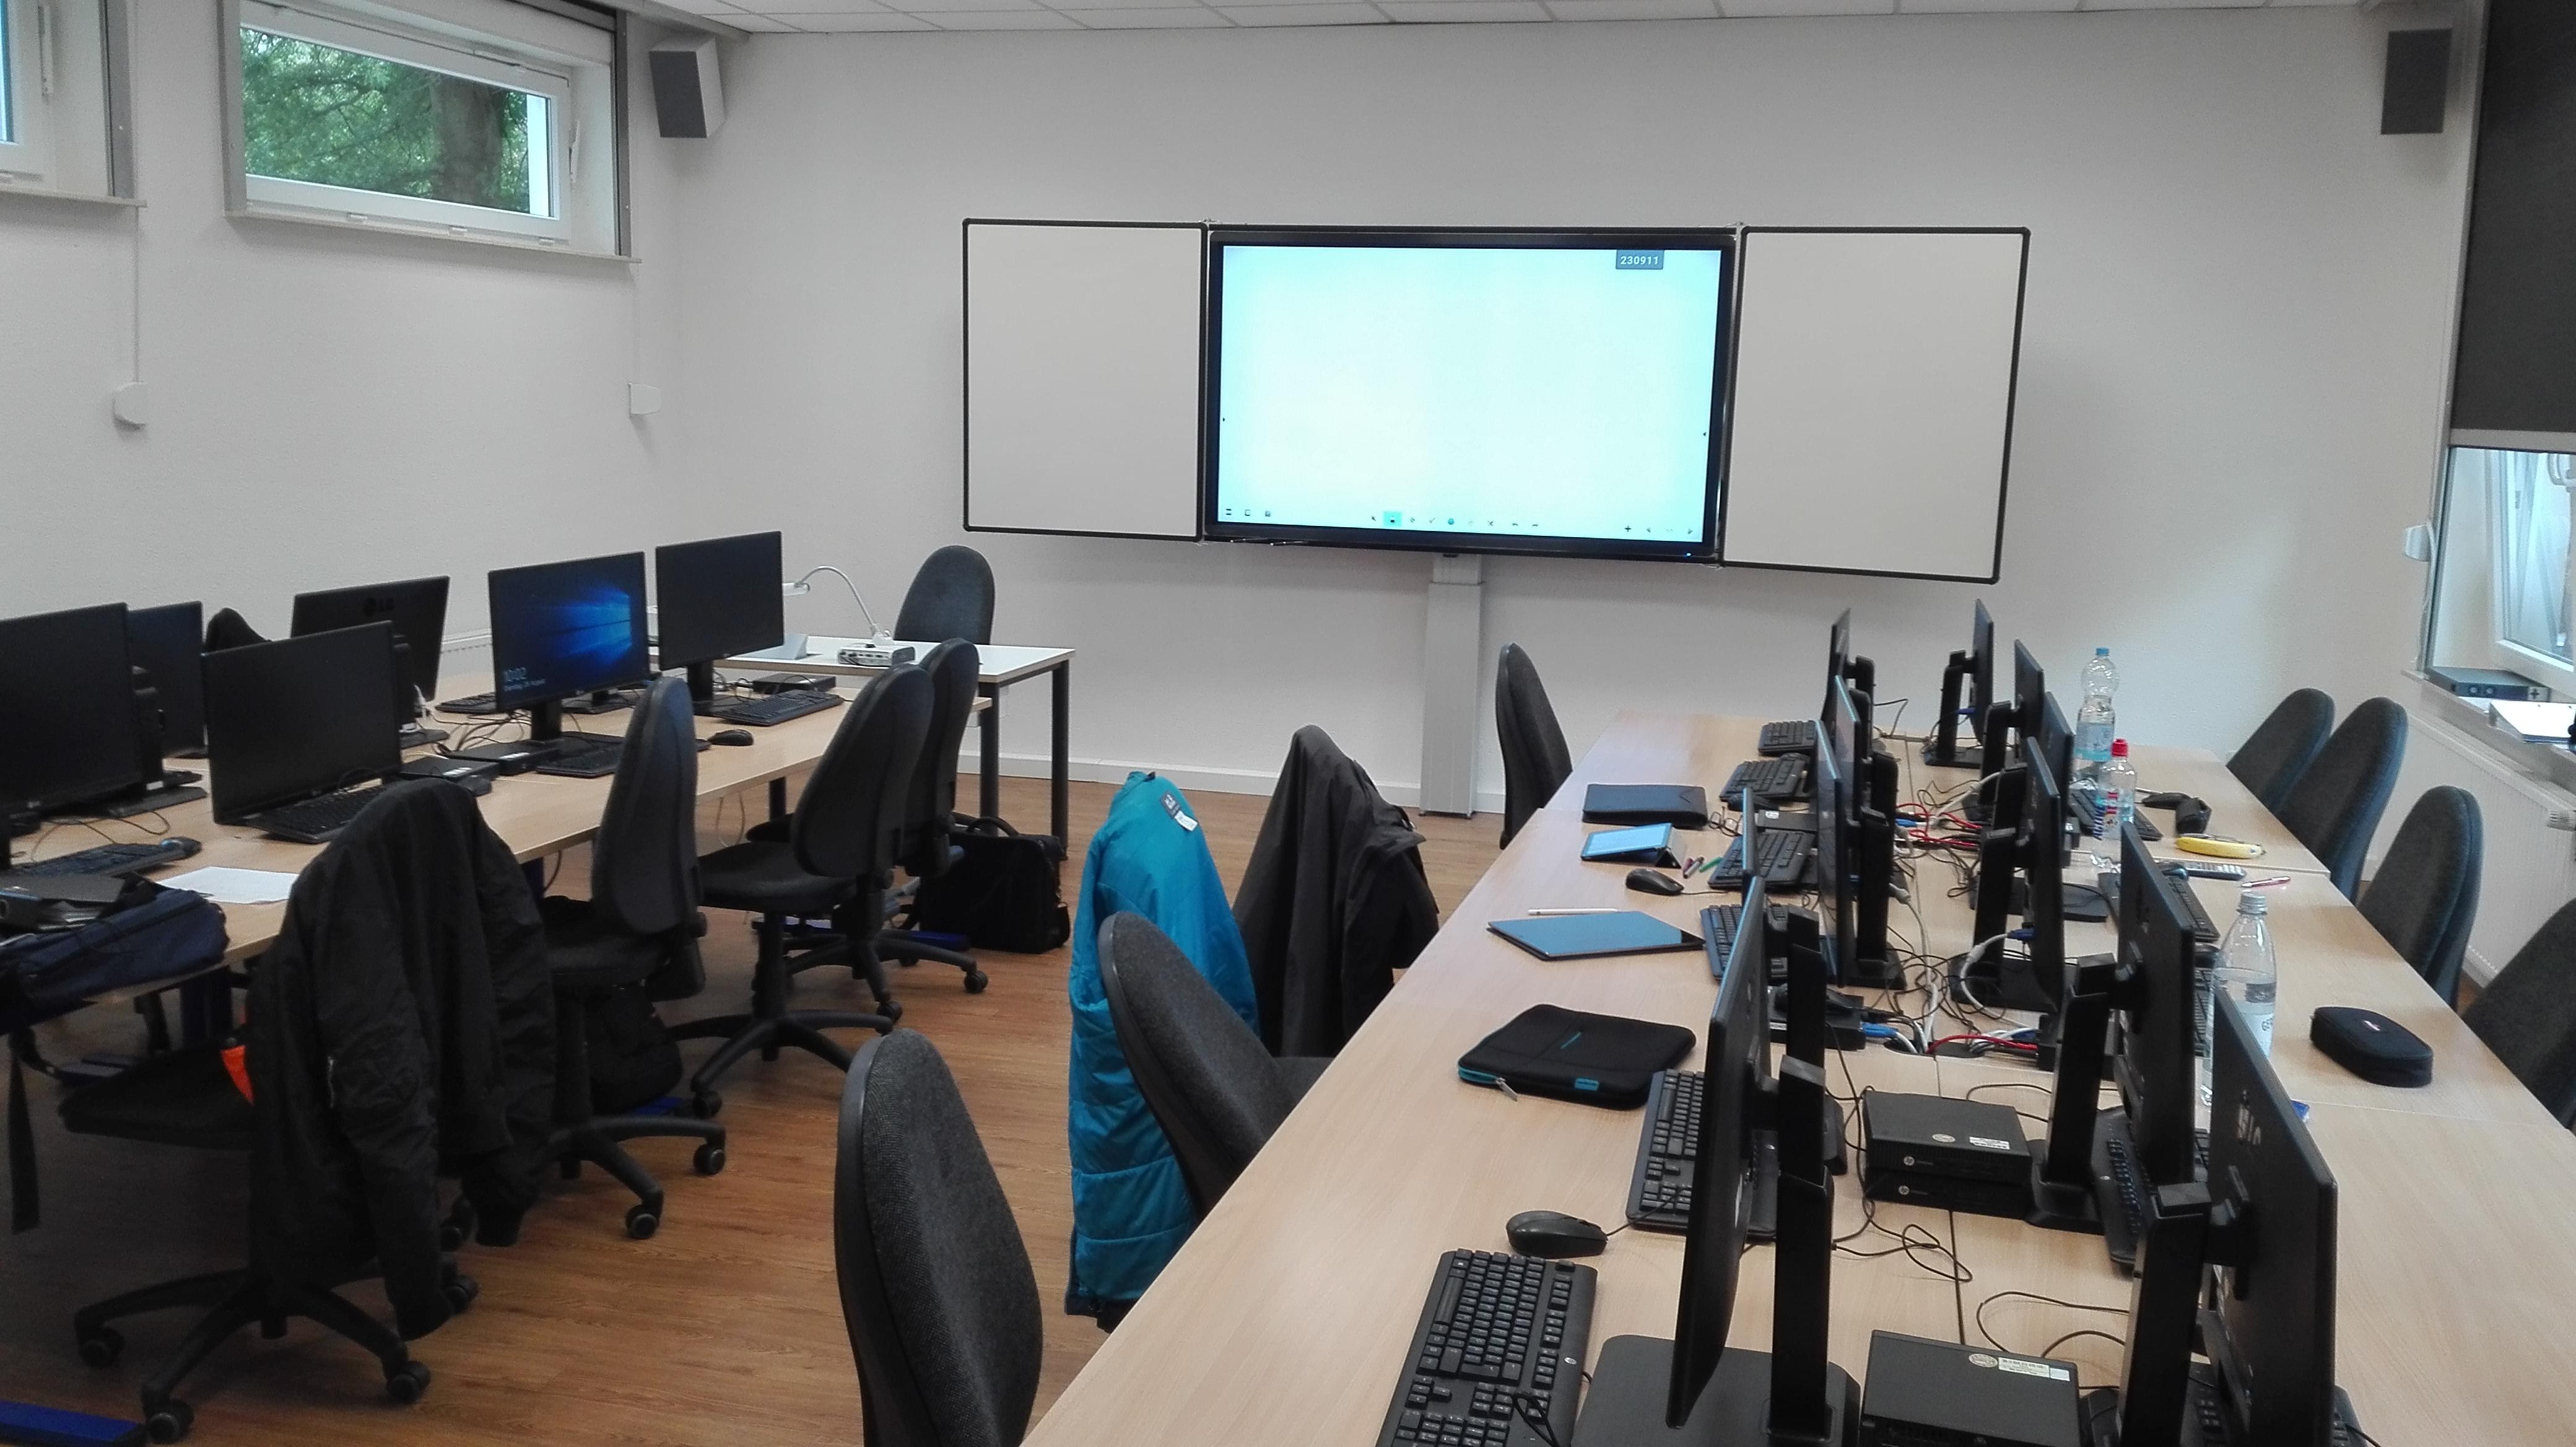 Klassenraum unseres IT-Azubis im GenoKolleg Münster